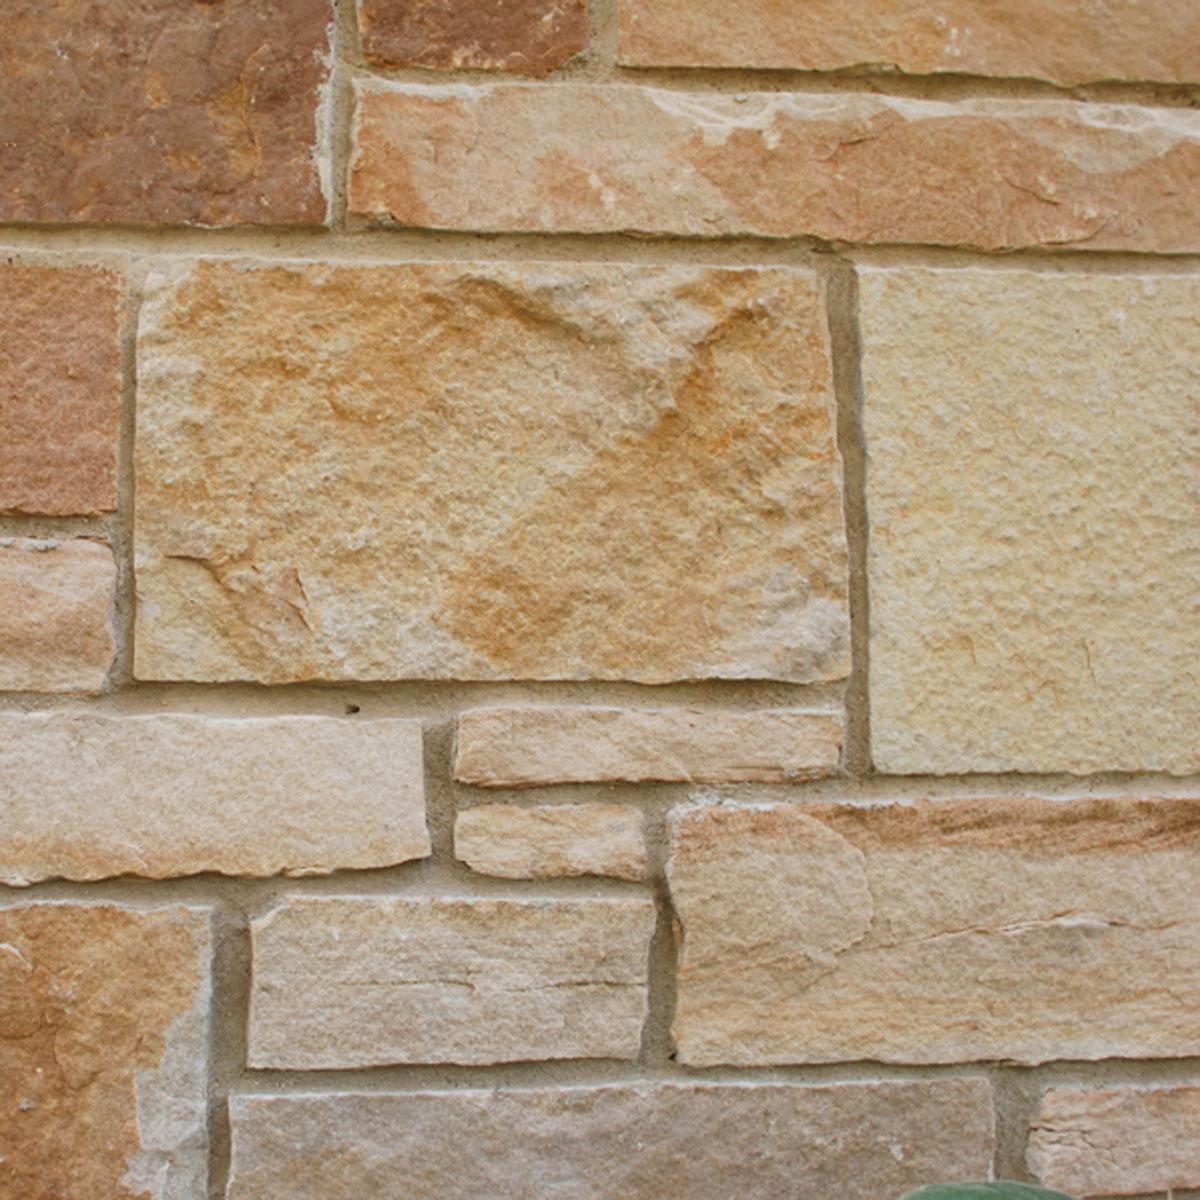 Chestnut Country Manor Illini Brick Company